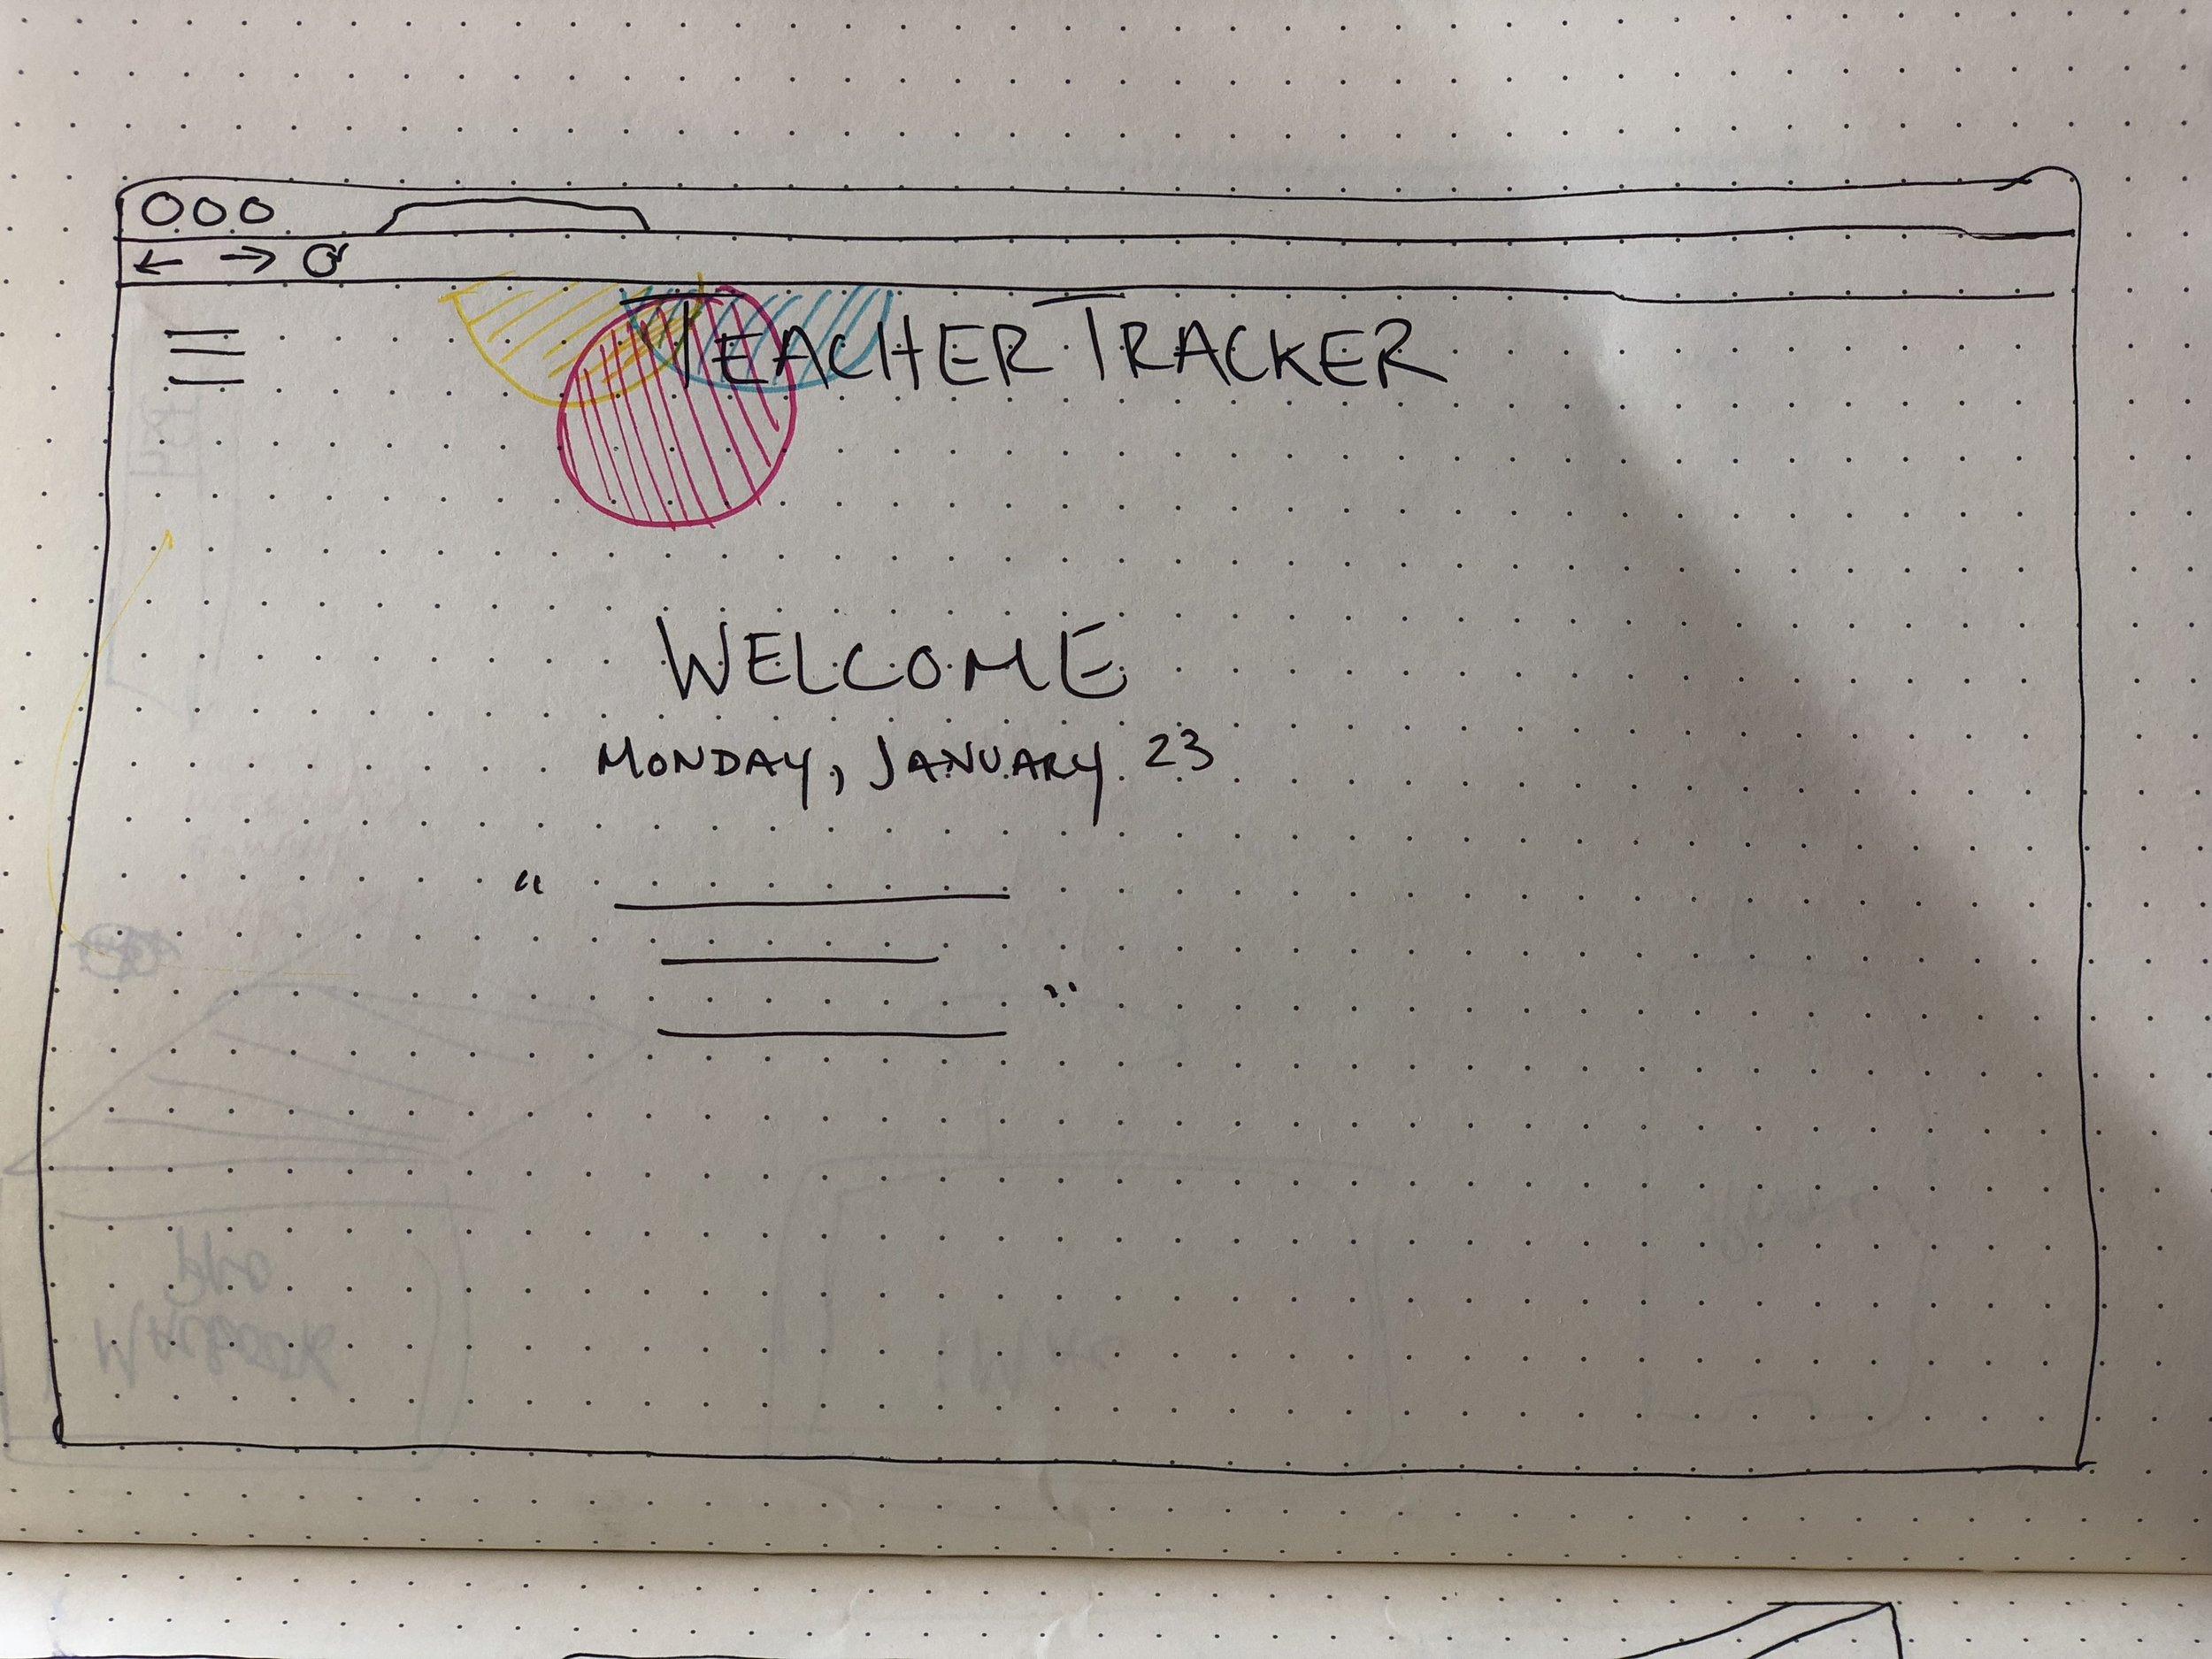 Desktop welcome screen